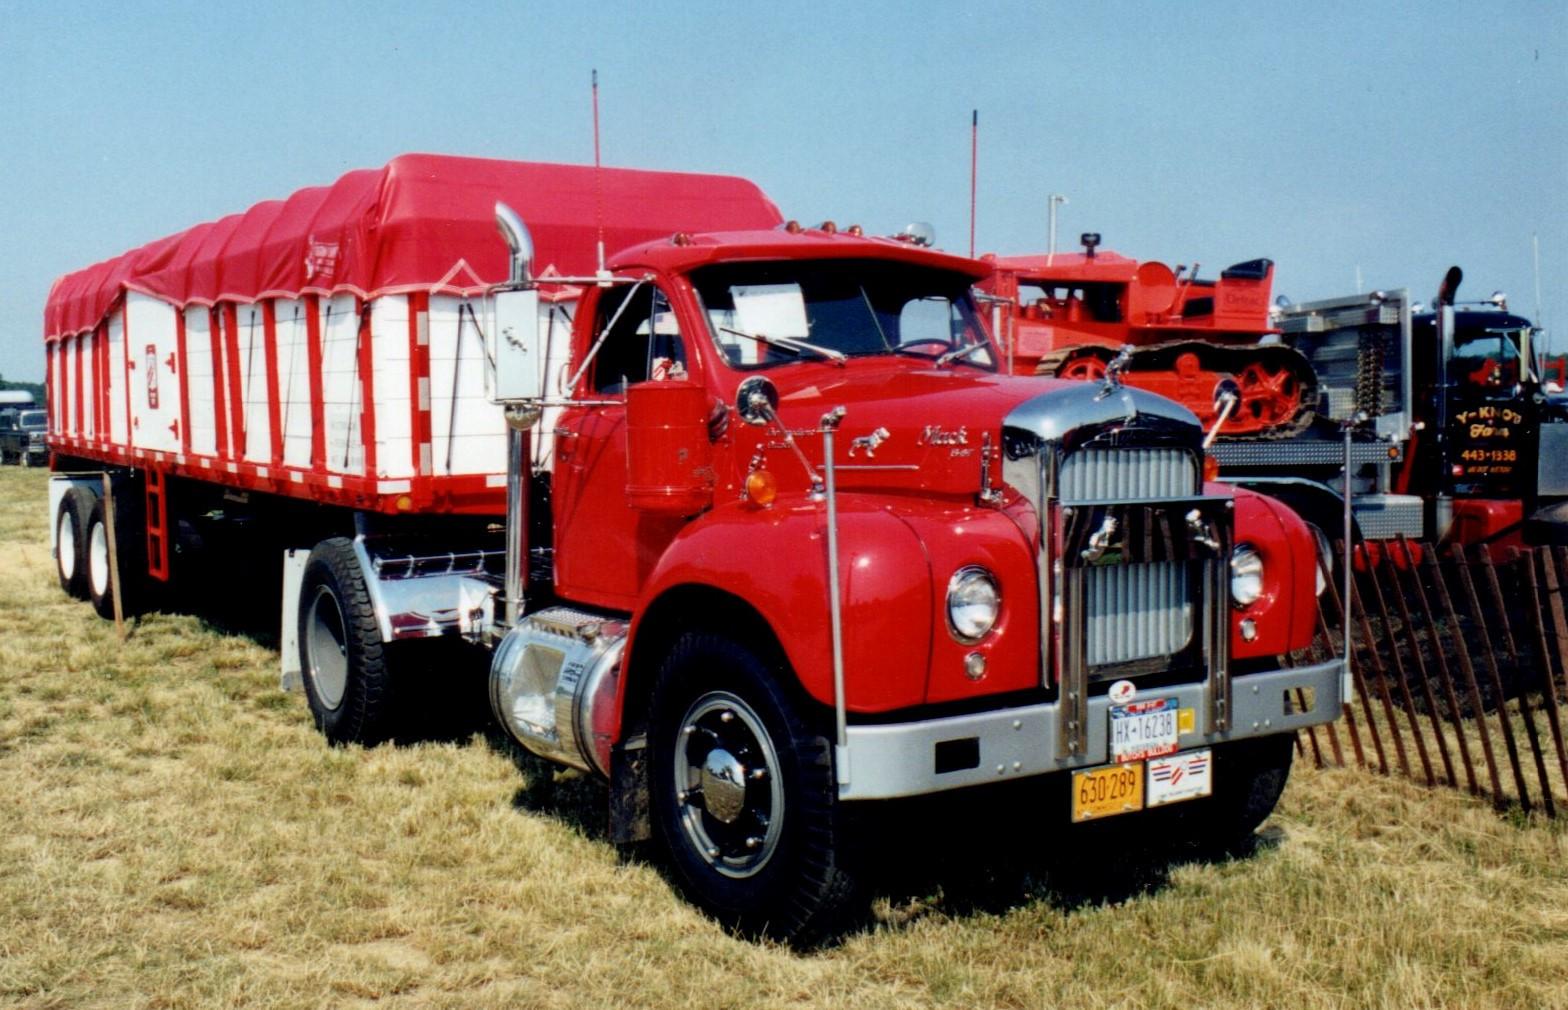 1958 Mack B-67T tractor - 1967 Load Craft trailer - Howard Pratt